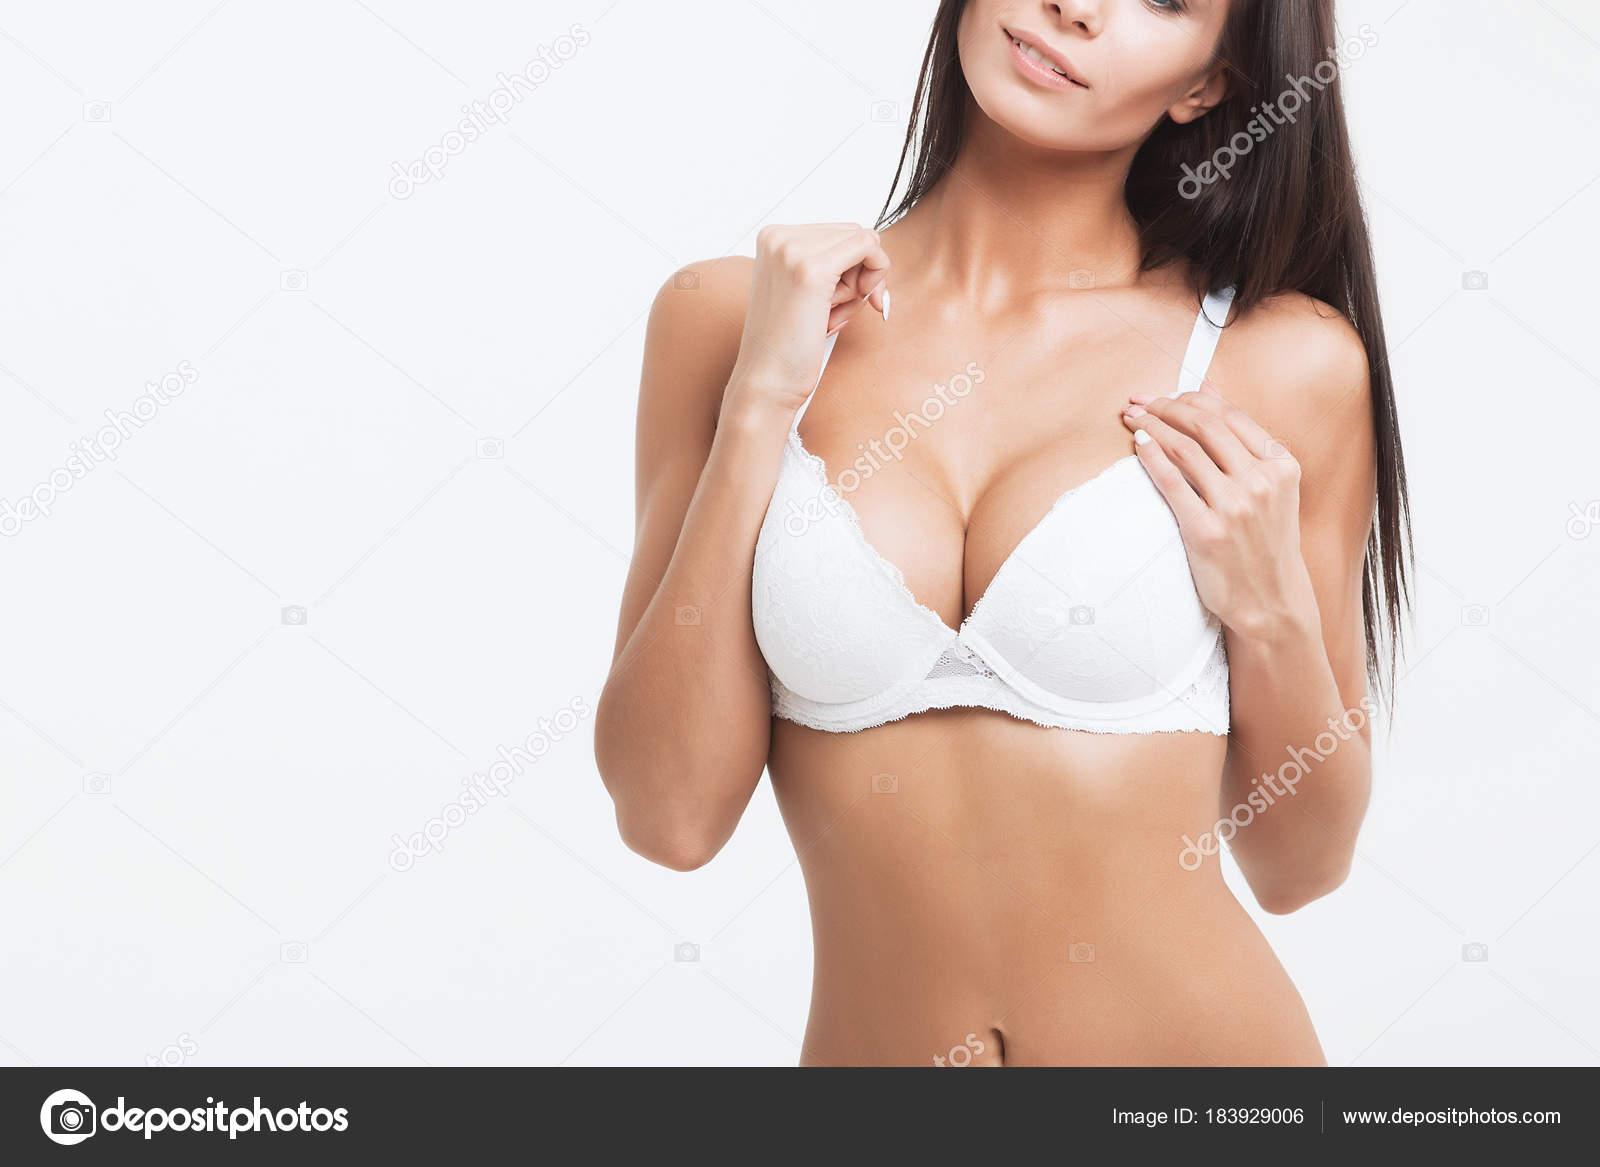 σούπερ ήρωα πορνό κινούμενα σχέδια